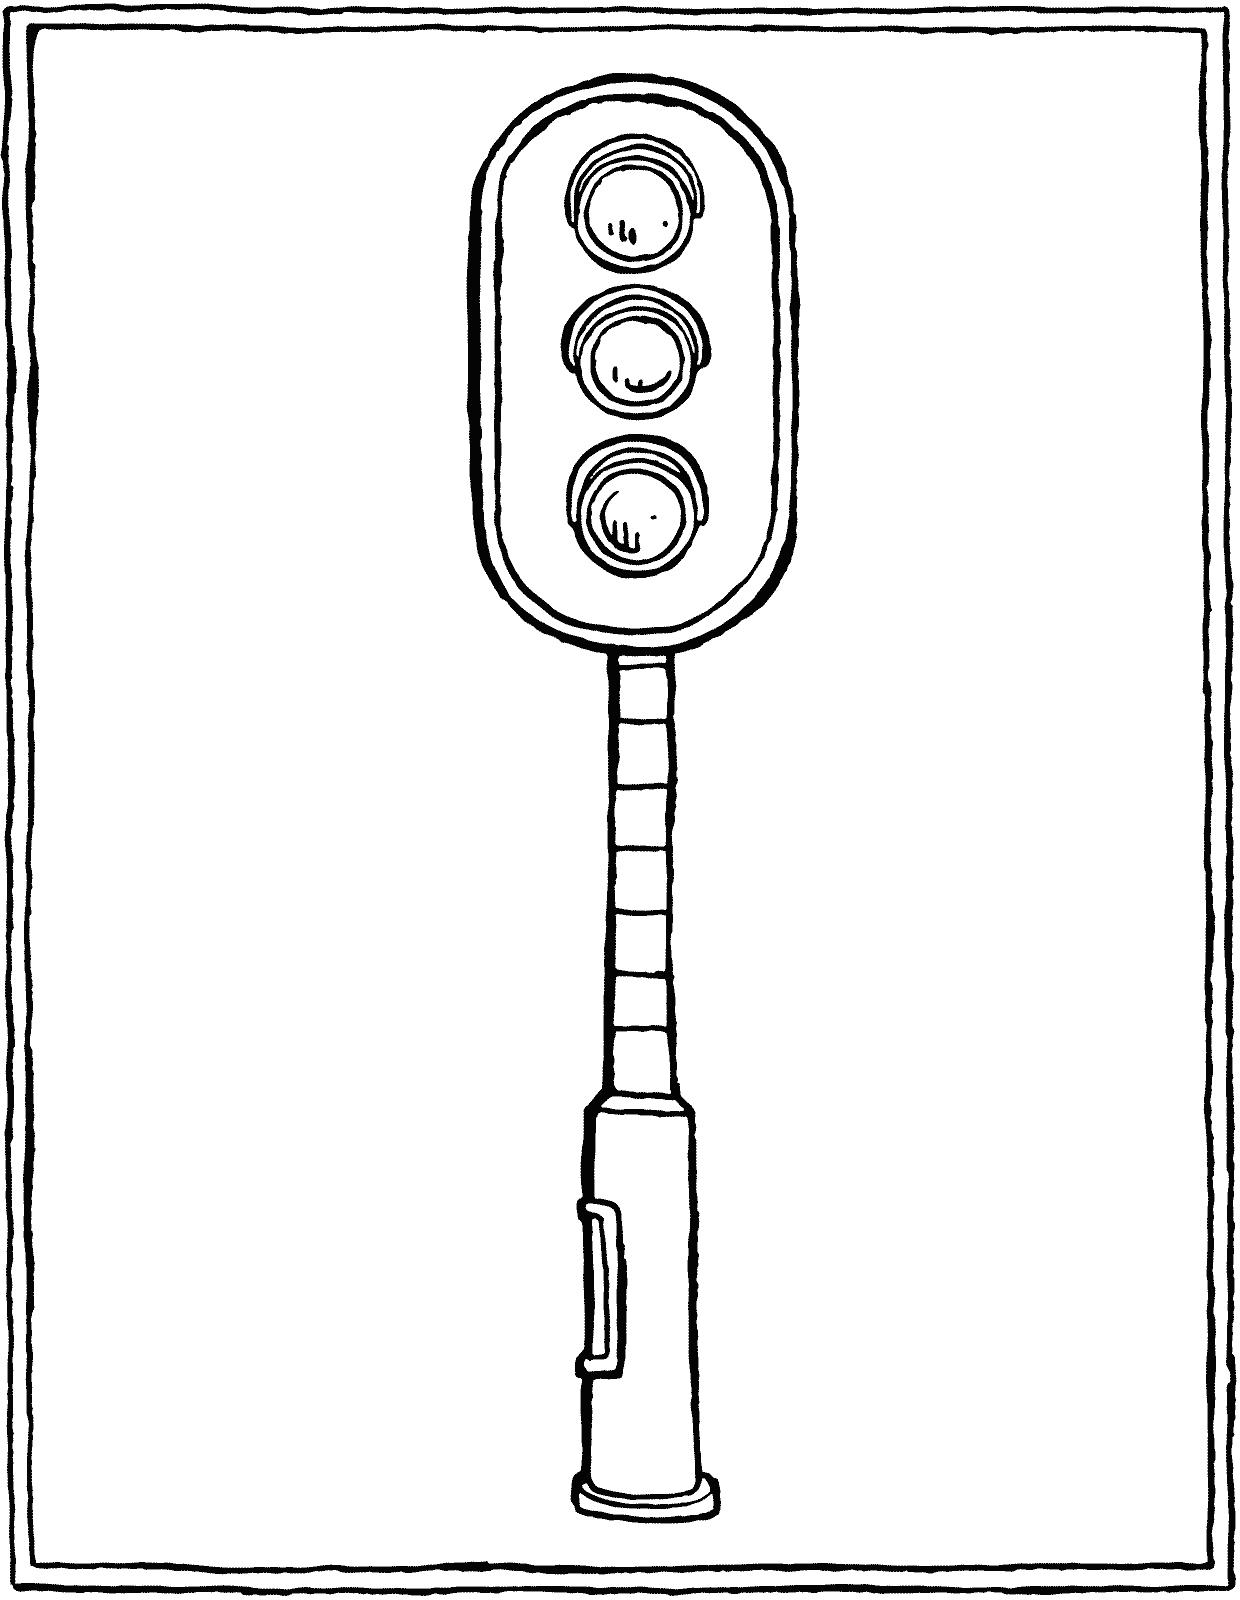 Hình tô màu cột đèn giao thông